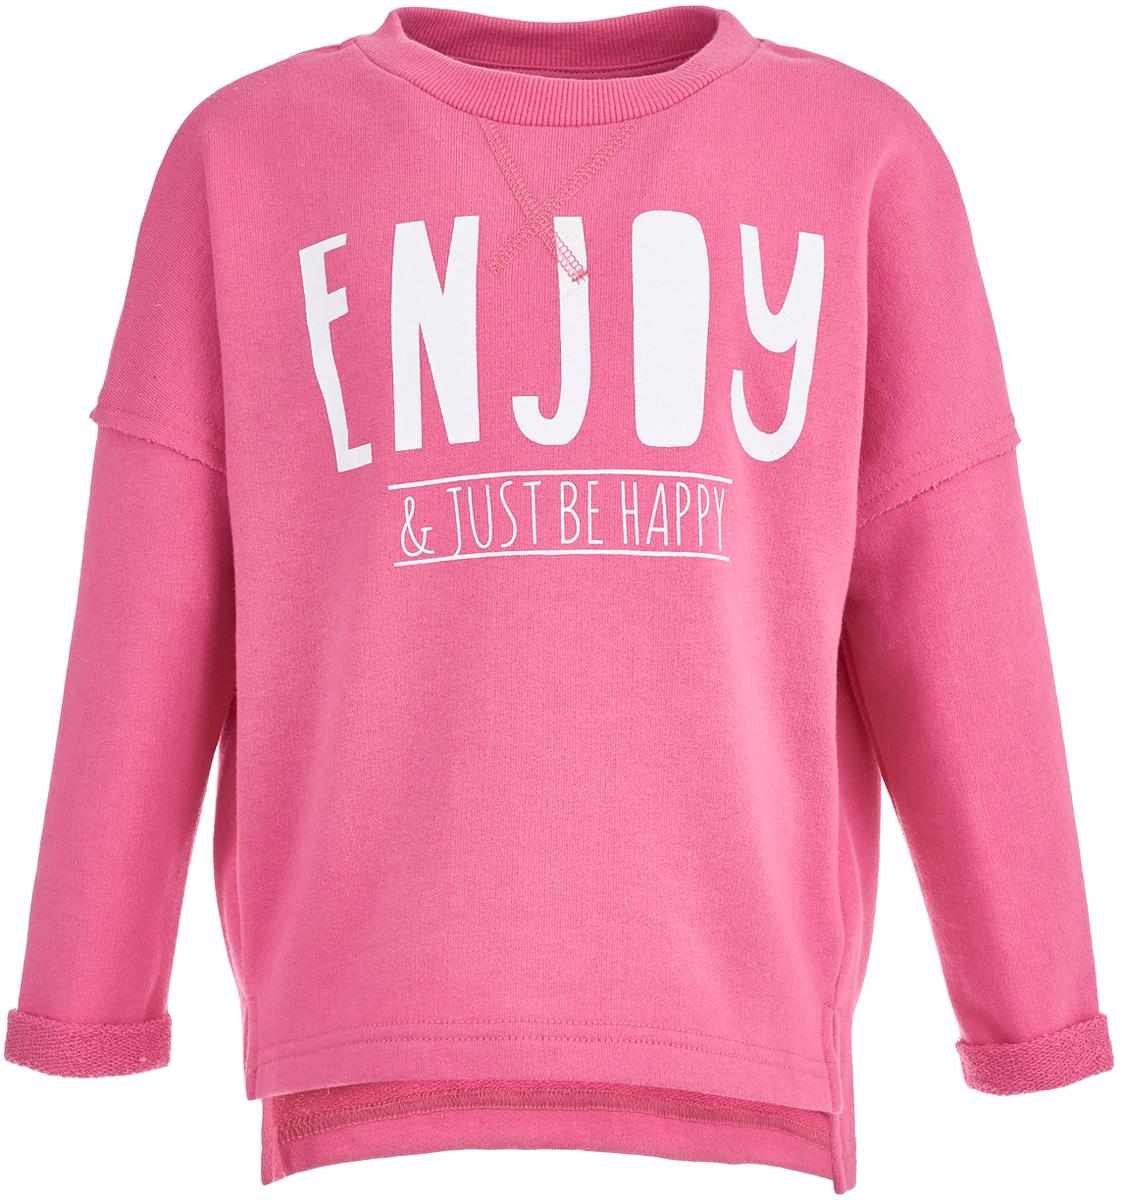 Свитшот для девочки Button Blue, цвет: розовый. 118BBGC16051200. Размер 158118BBGC16051200Яркий детский свитшот - идеальная весенняя одежда для девочки. Модель с длинными рукавами декорирована надписью, сделанной стильным шрифтом. Она может украсить любой образ и добавить ребенку позитива в самый прохладный день! Чтобы порадовать девочку, ей можно купить детский свитшот, отличающийся модным дизайном и удобным кроем.